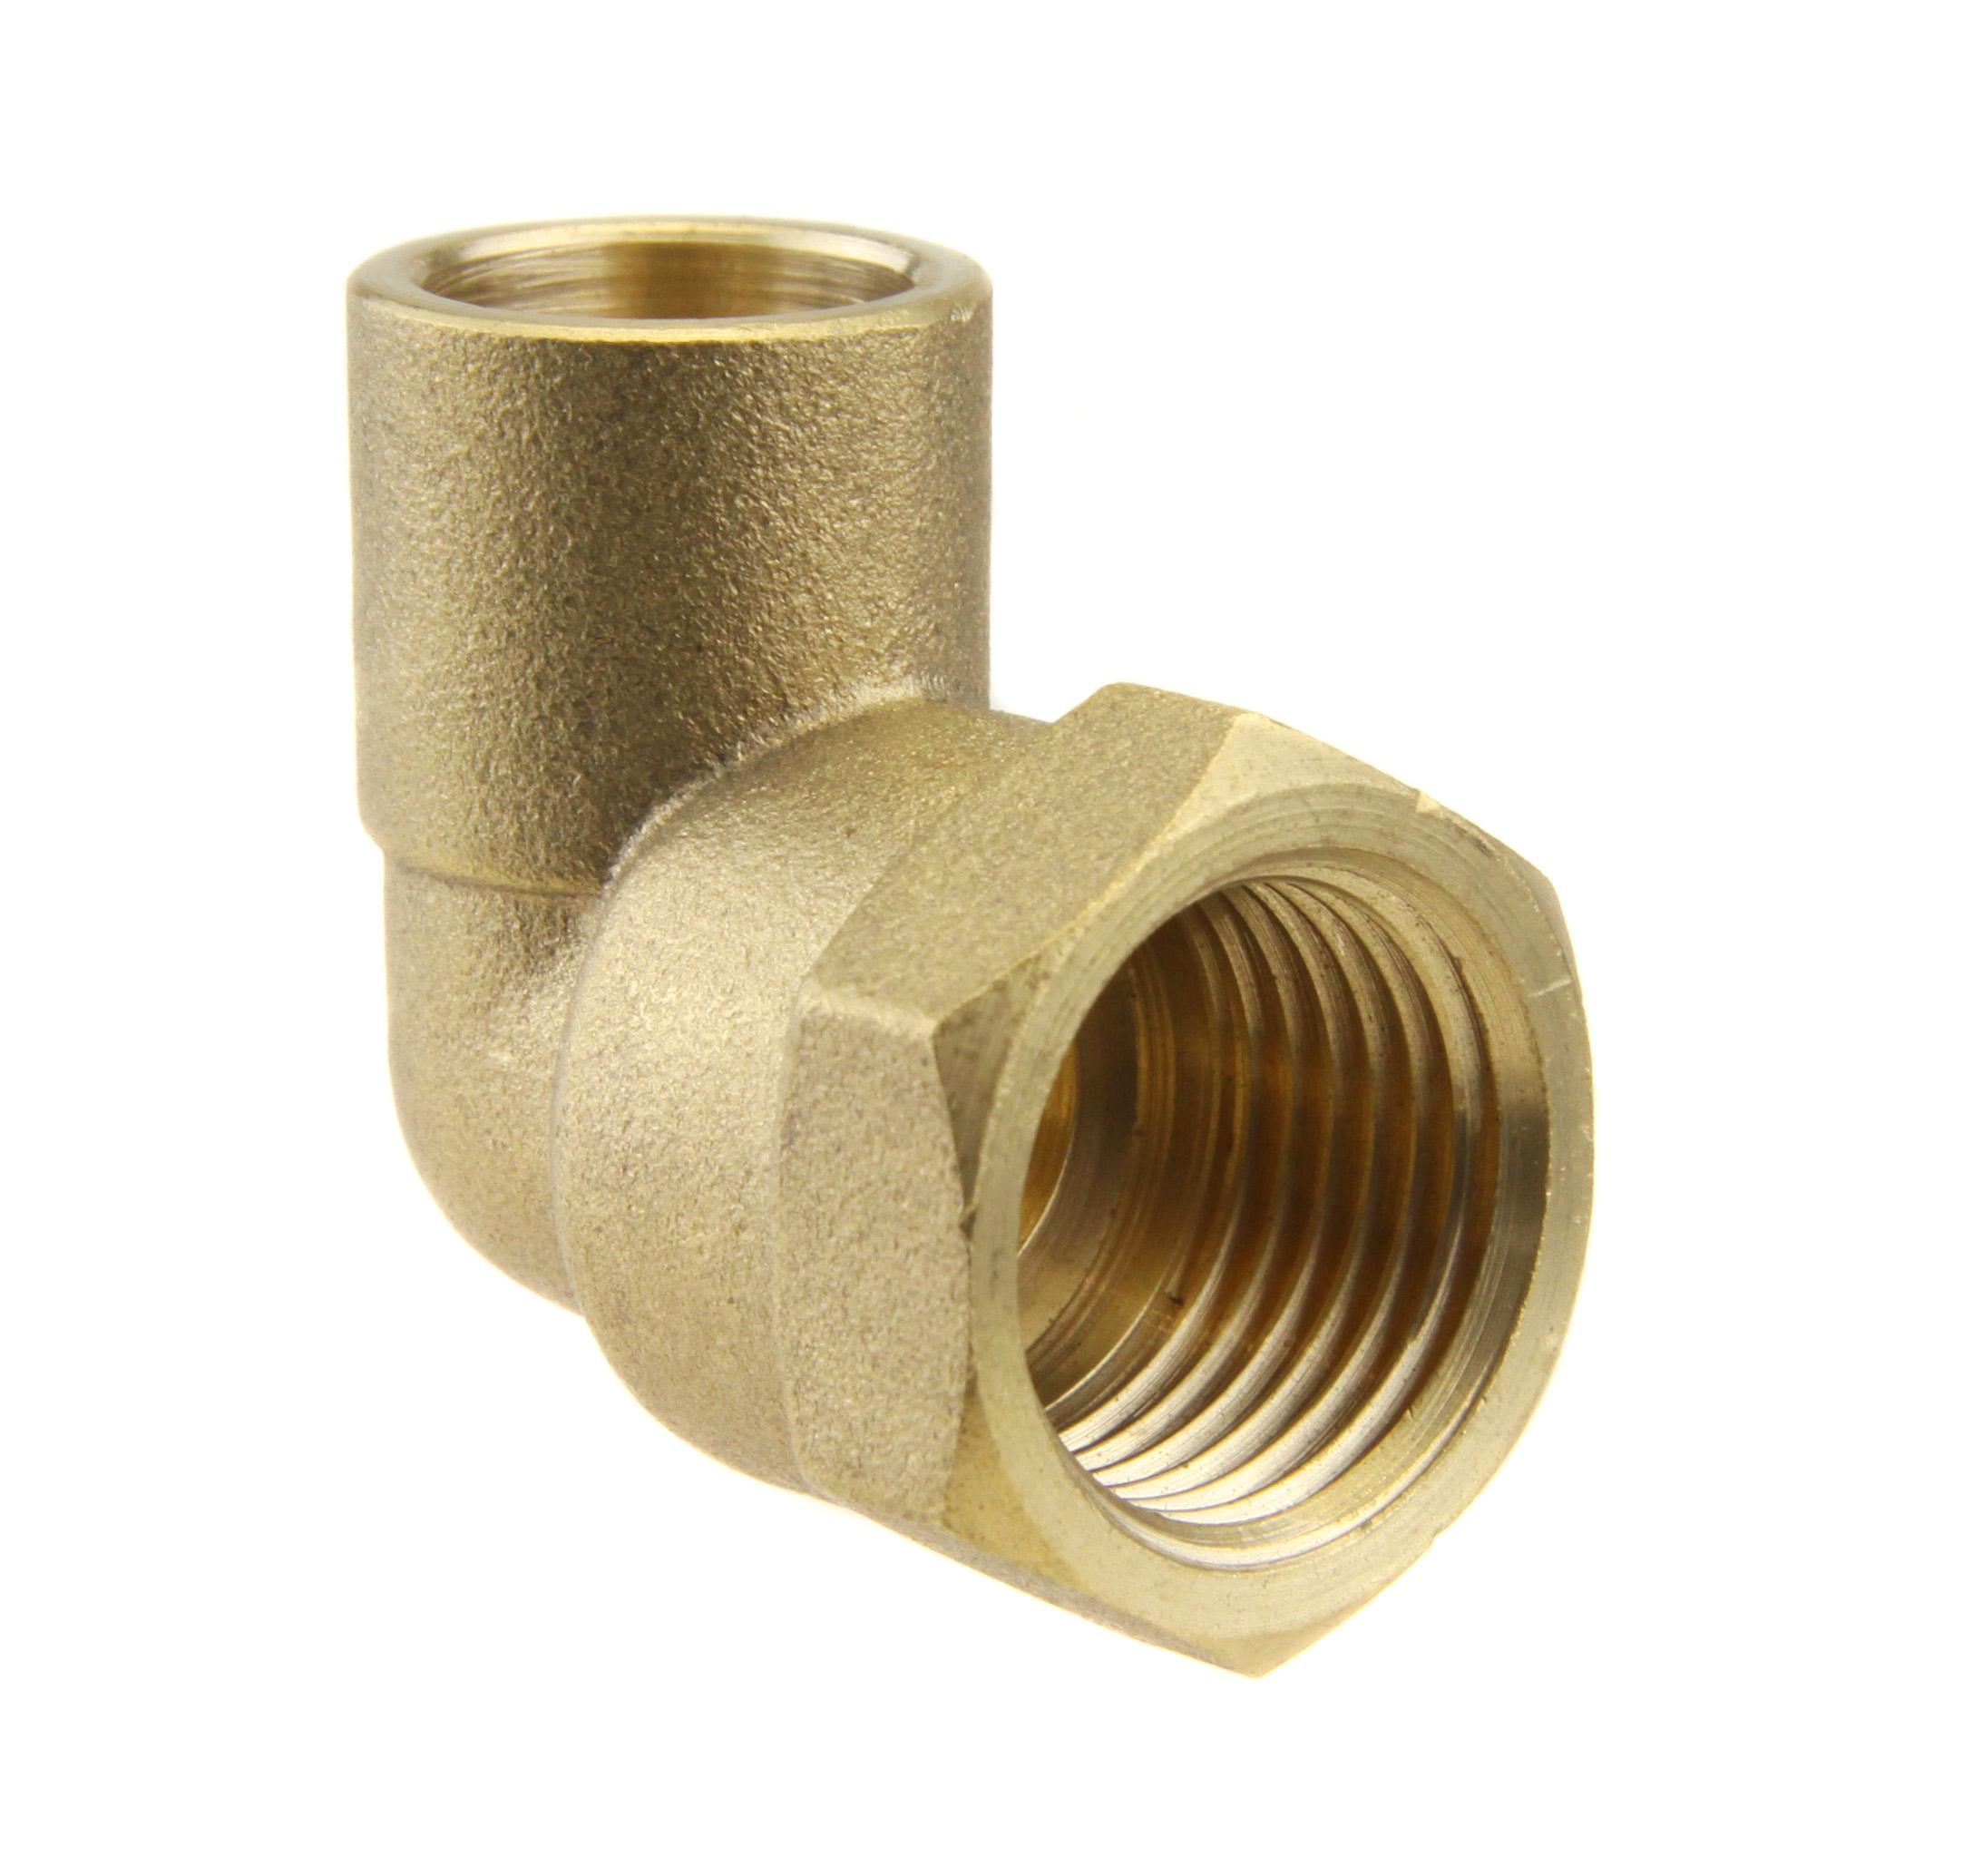 Elbows FI - Solder Ring